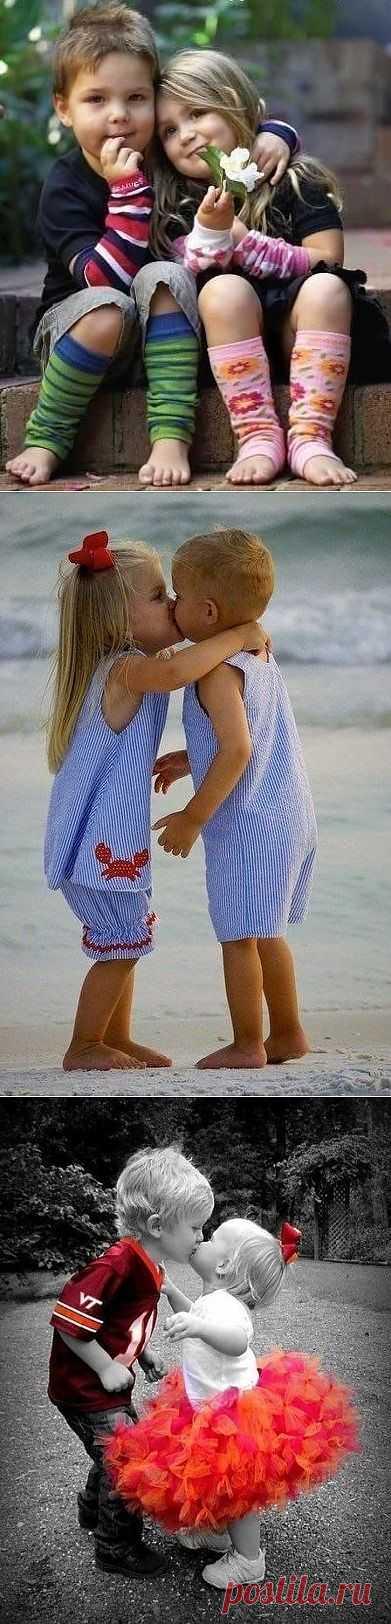 Такие милые детки!:)